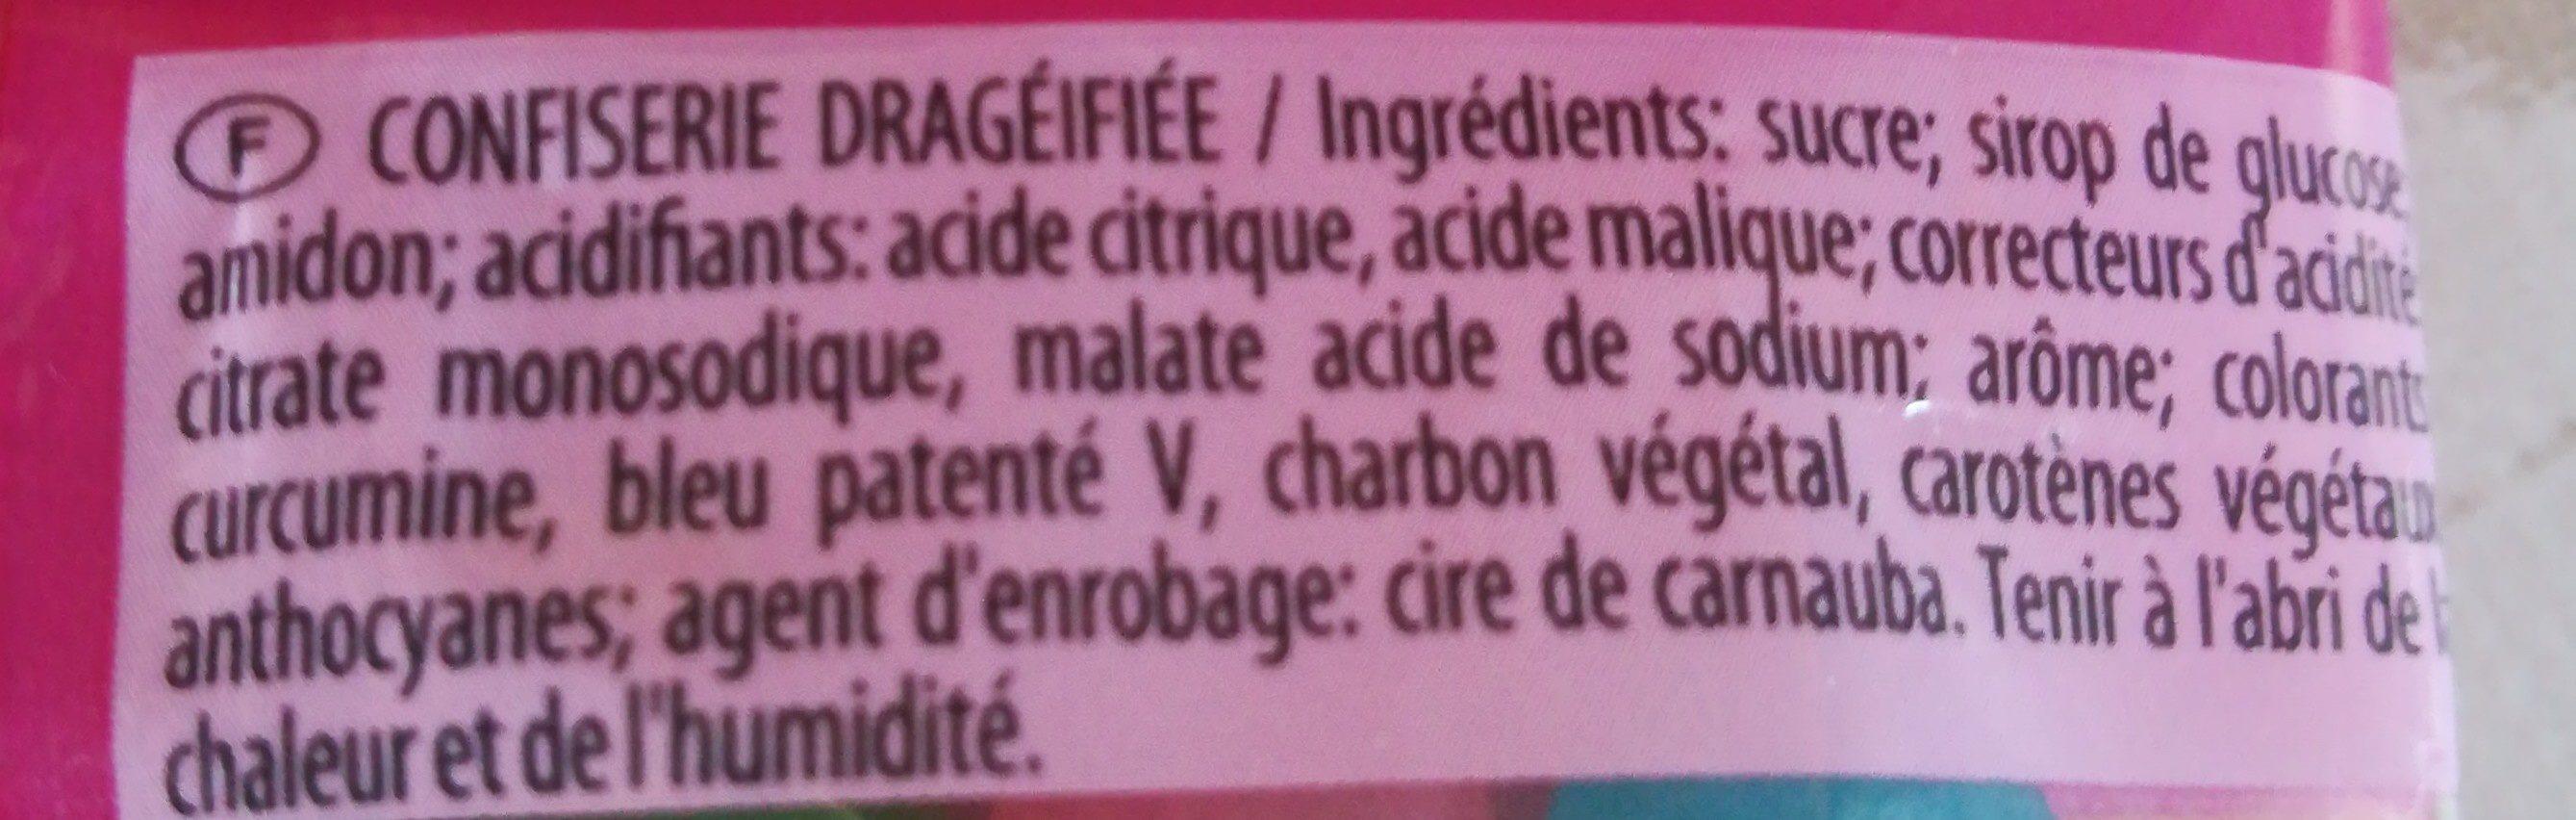 Dragibus - Ingrédients - fr